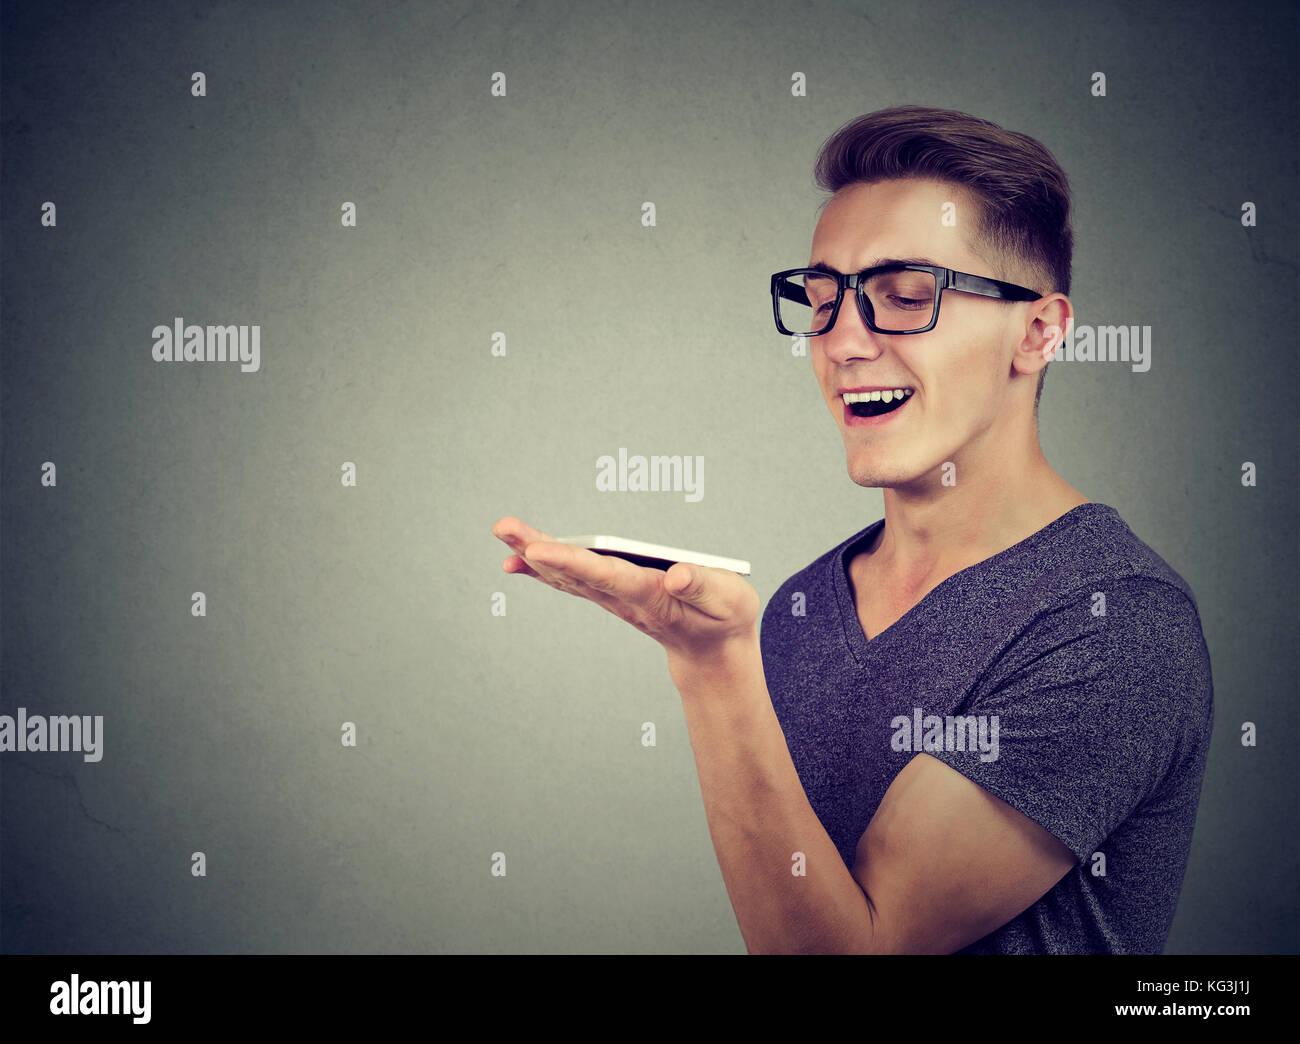 Concepto de reconocimiento de voz. Comunicación de manos libres. El hombre utilizando teléfonos inteligentes. Imagen De Stock